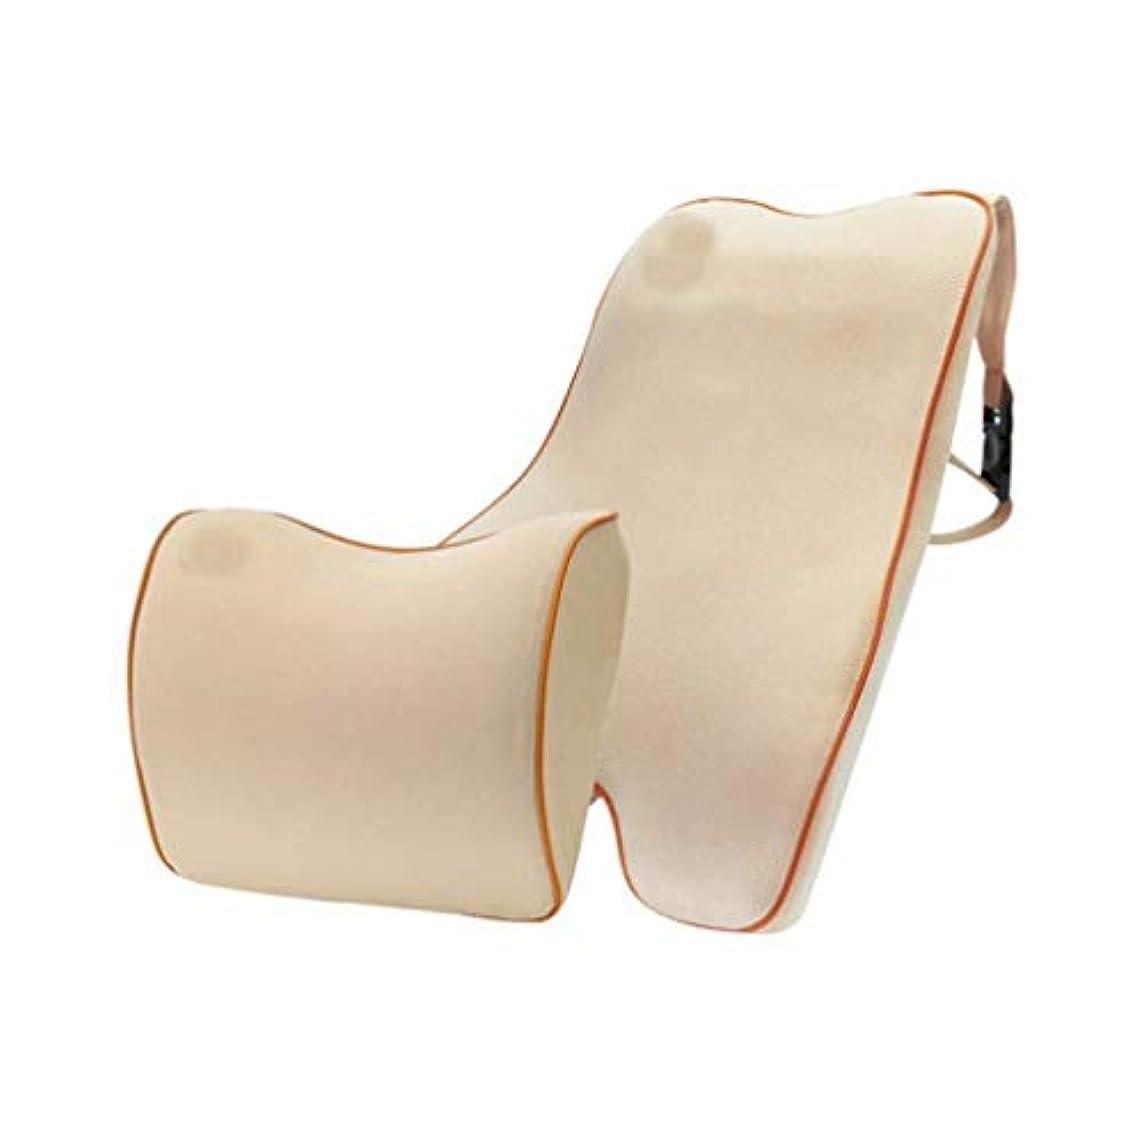 染料柱範囲腰椎枕、首枕、低反発枕クッション腰椎サポート車のホームオフィスの椅子、人間工学に基づいた整形外科の設計は坐骨神経痛と尾骨の痛みを和らげます